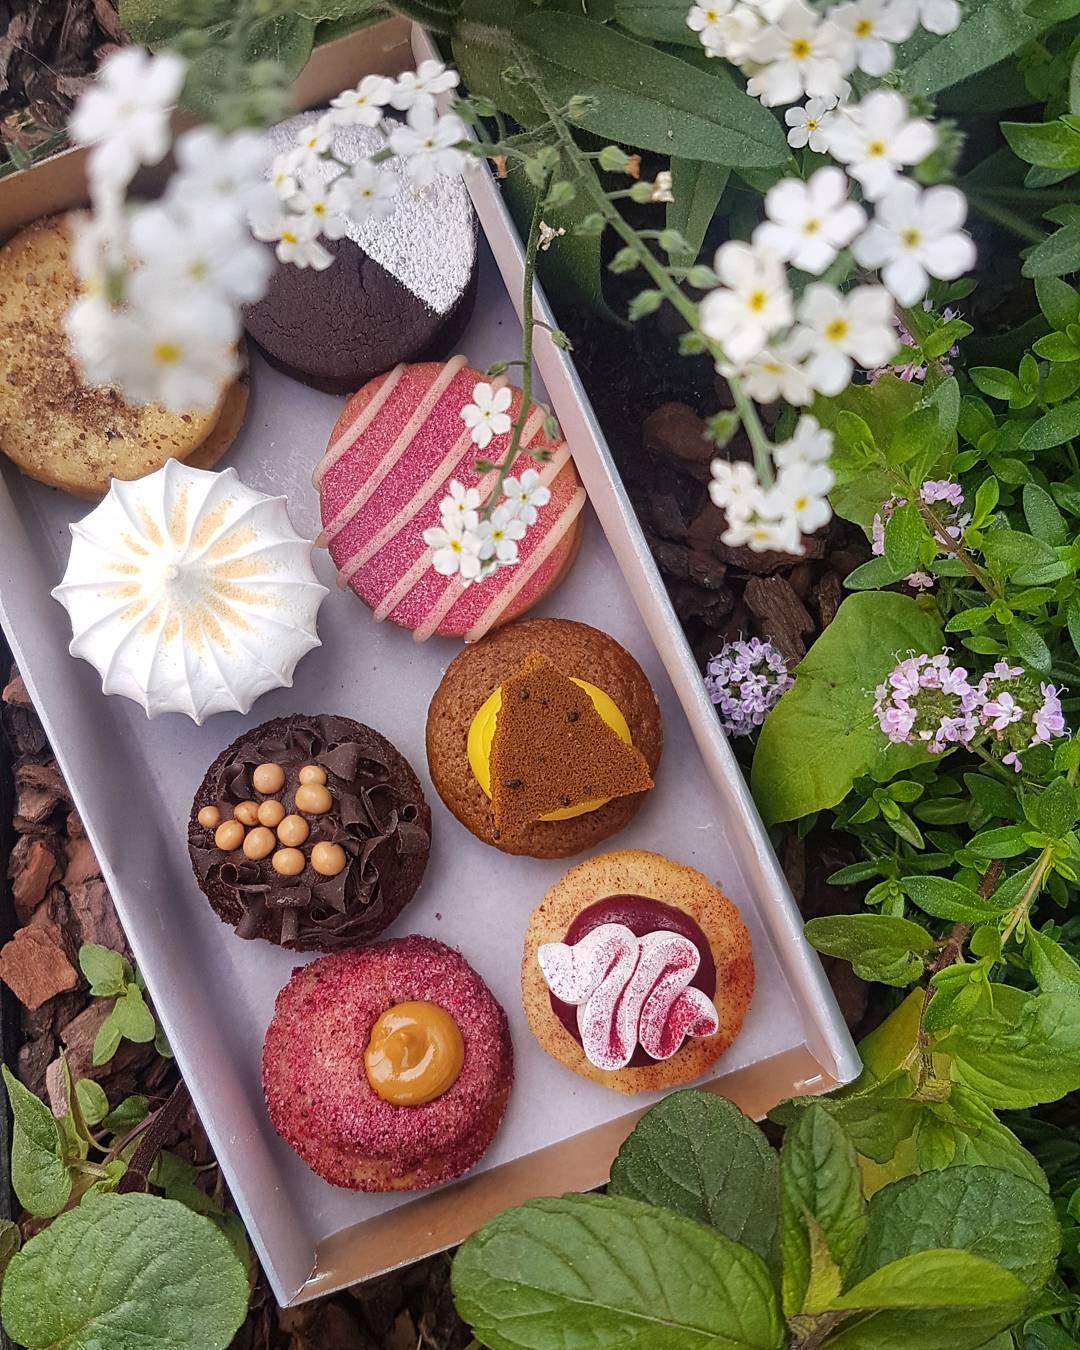 公式インスタグラム   @leckerbaer   より。人気の8種類のクッキーセット!テイクアウトして公園でのんびりピクニックしても最高!